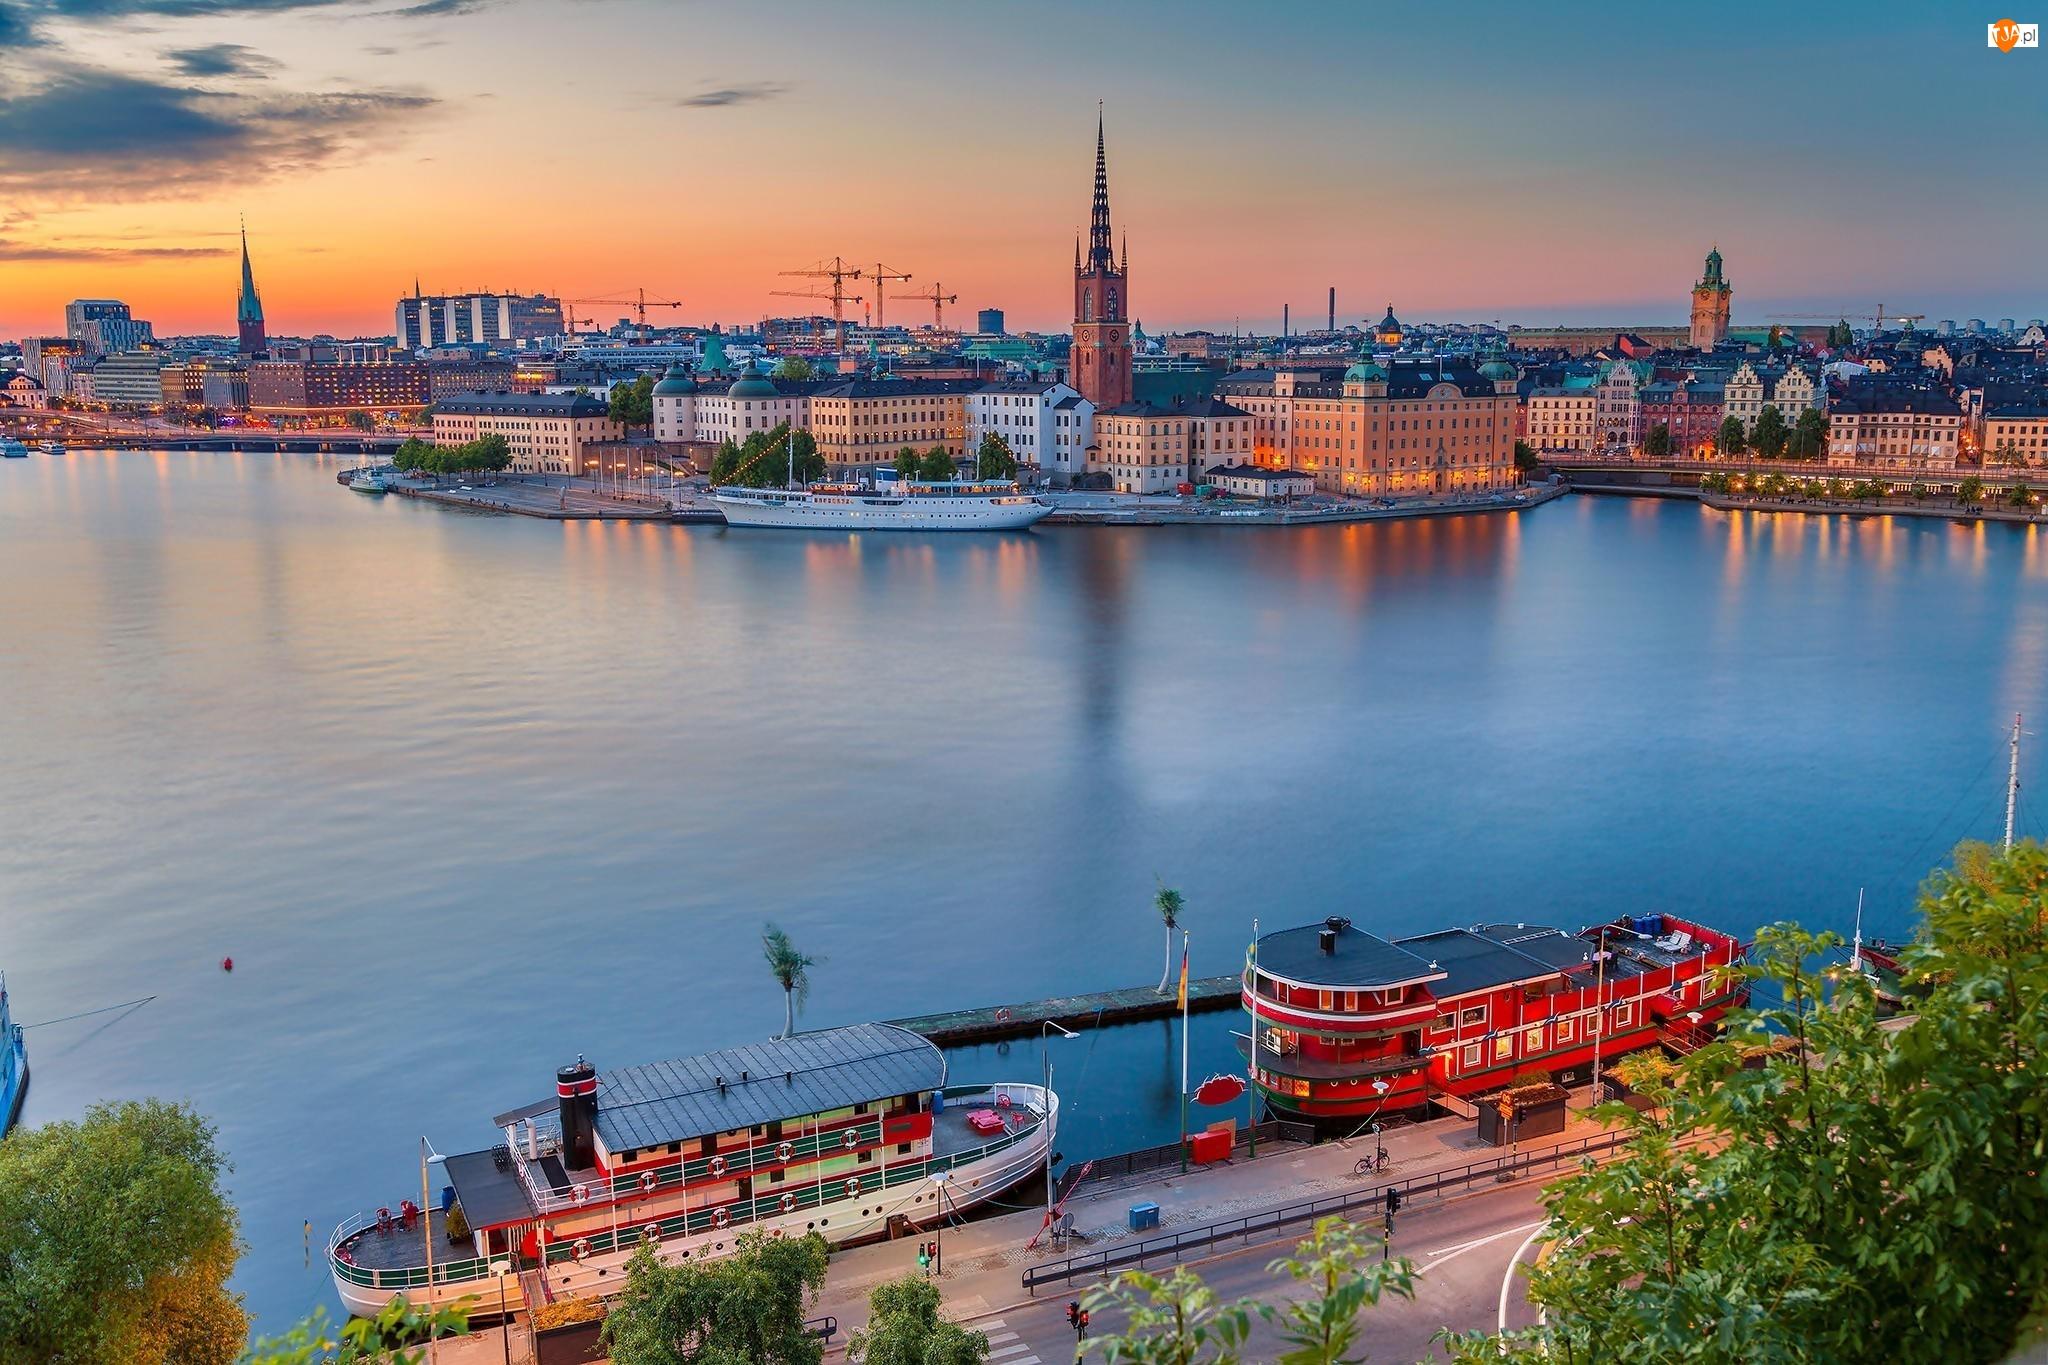 Sztokholm, Szwecja, Budynki, Statki, Zatoka Riddarfjarden, Kościół